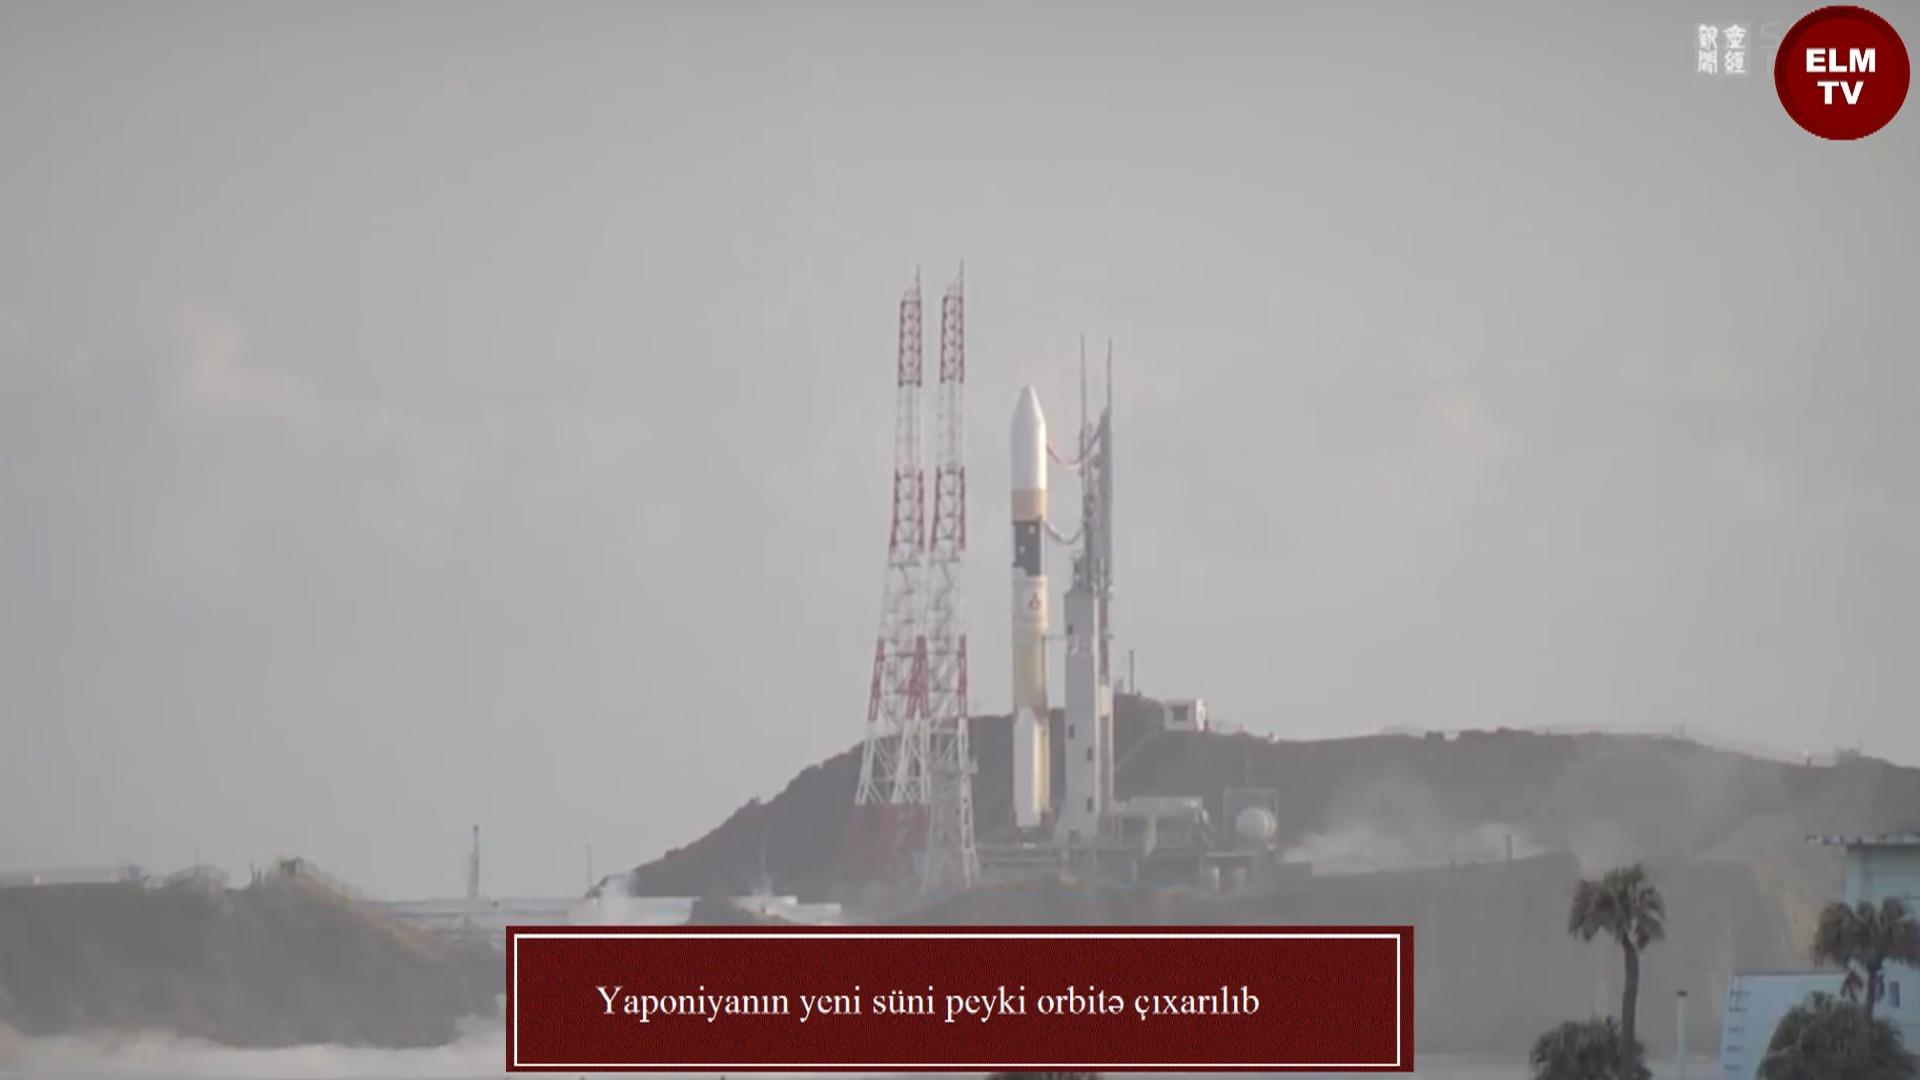 Yaponiyanın yeni süni peyki orbitə çıxarılıb